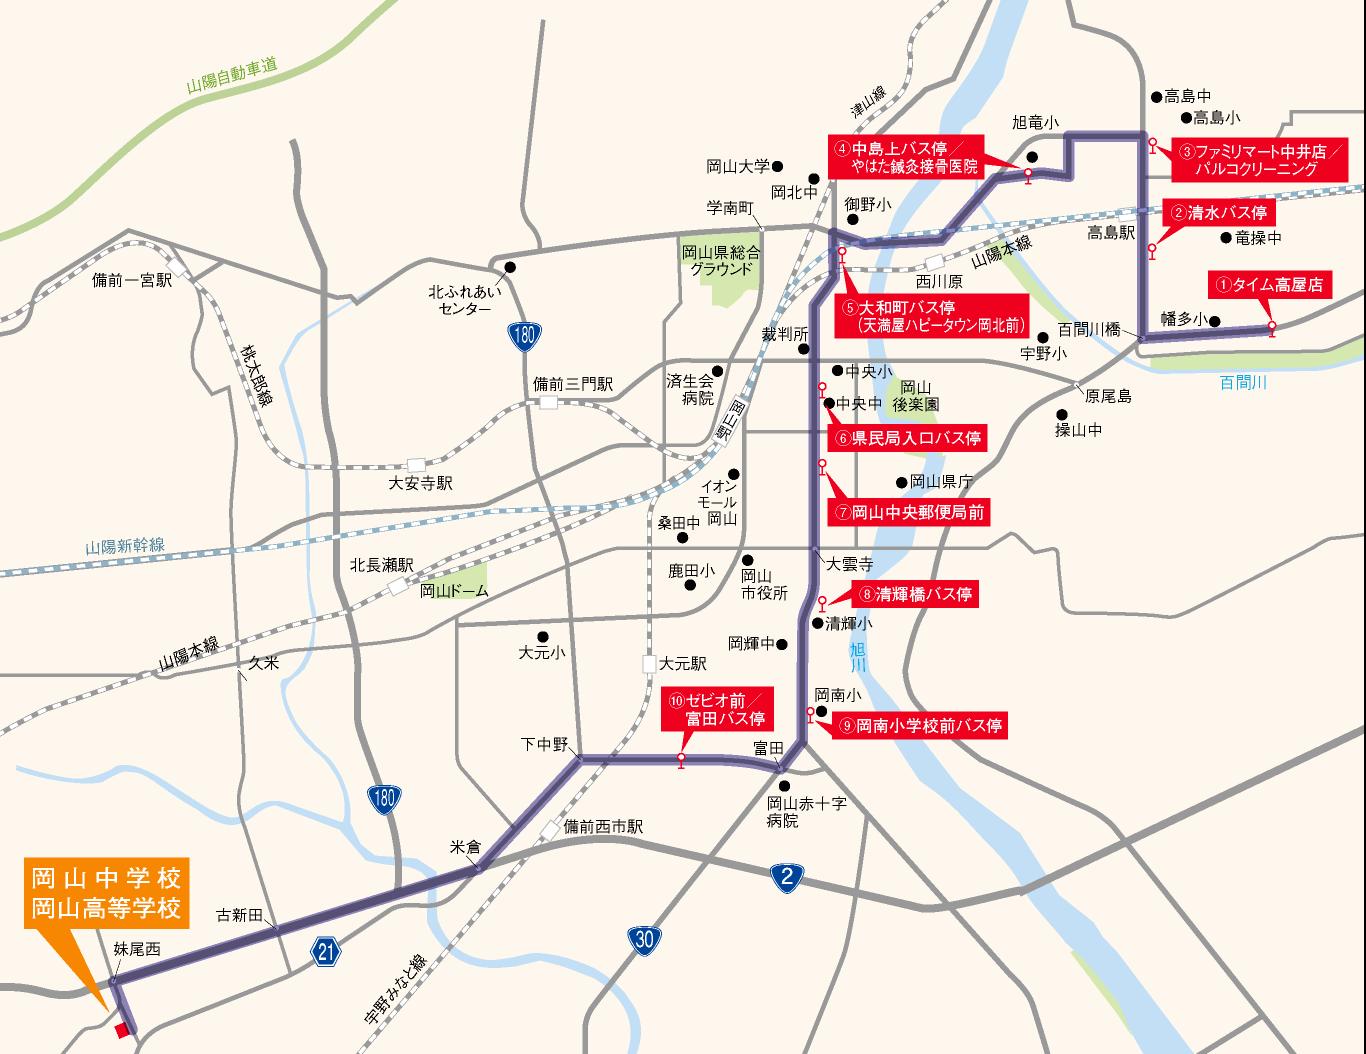 イーストライナー路線図